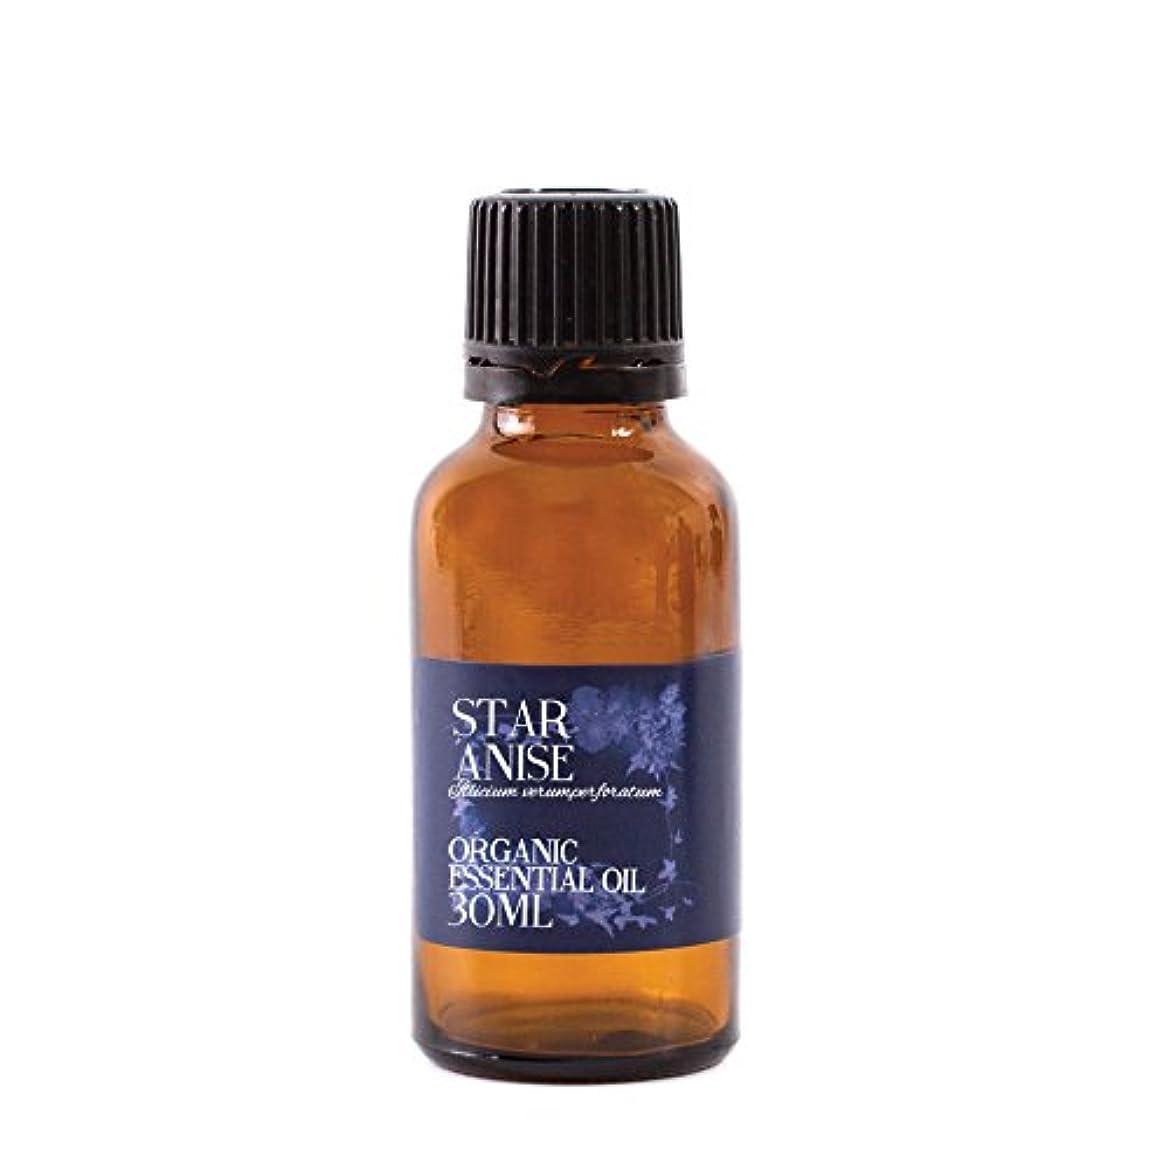 飲み込む散歩に行く着服Mystic Moments | Star Anise Organic Essential Oil - 30ml - 100% Pure